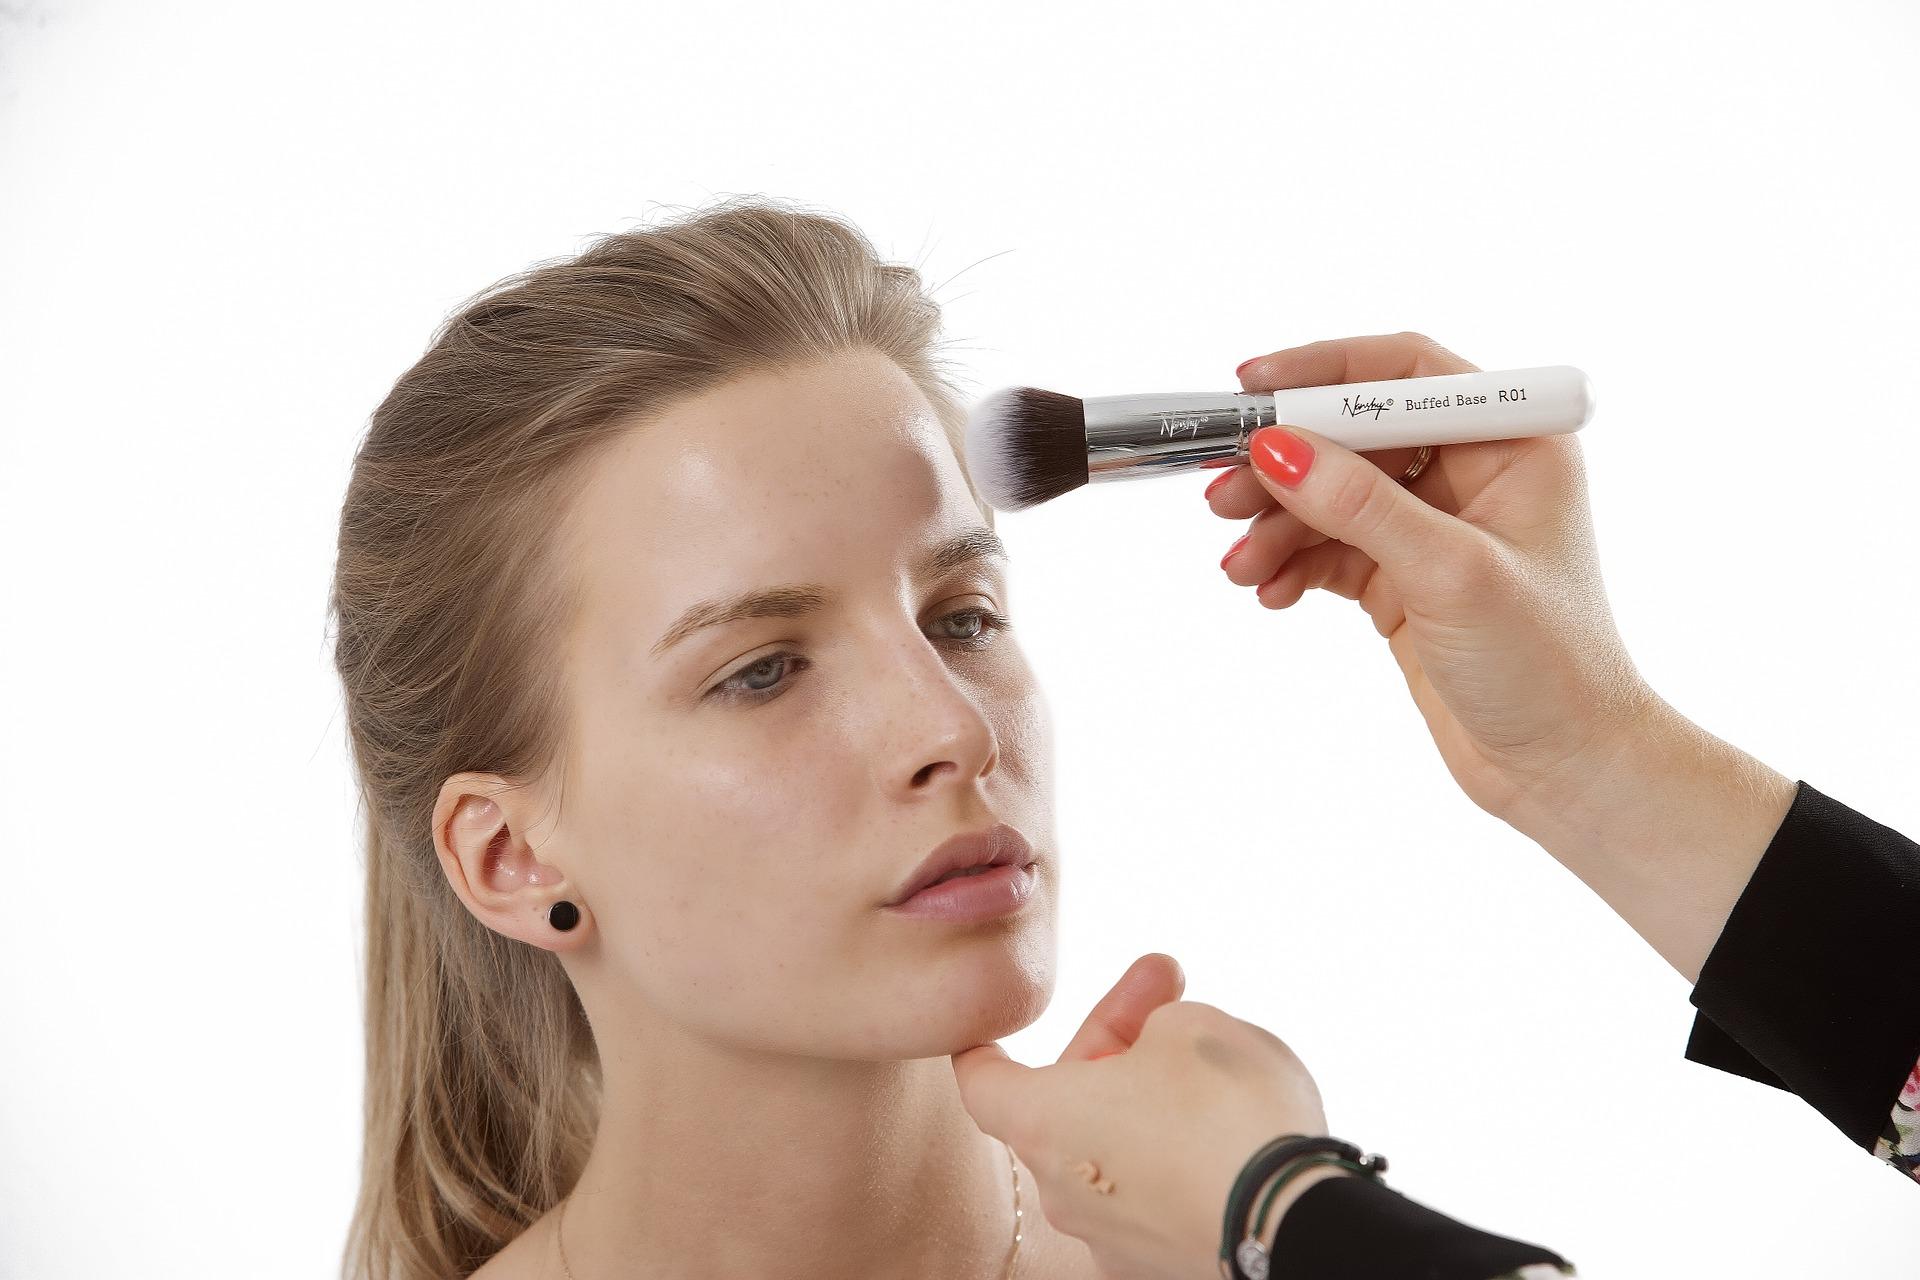 makeup-brushes-824705_1920